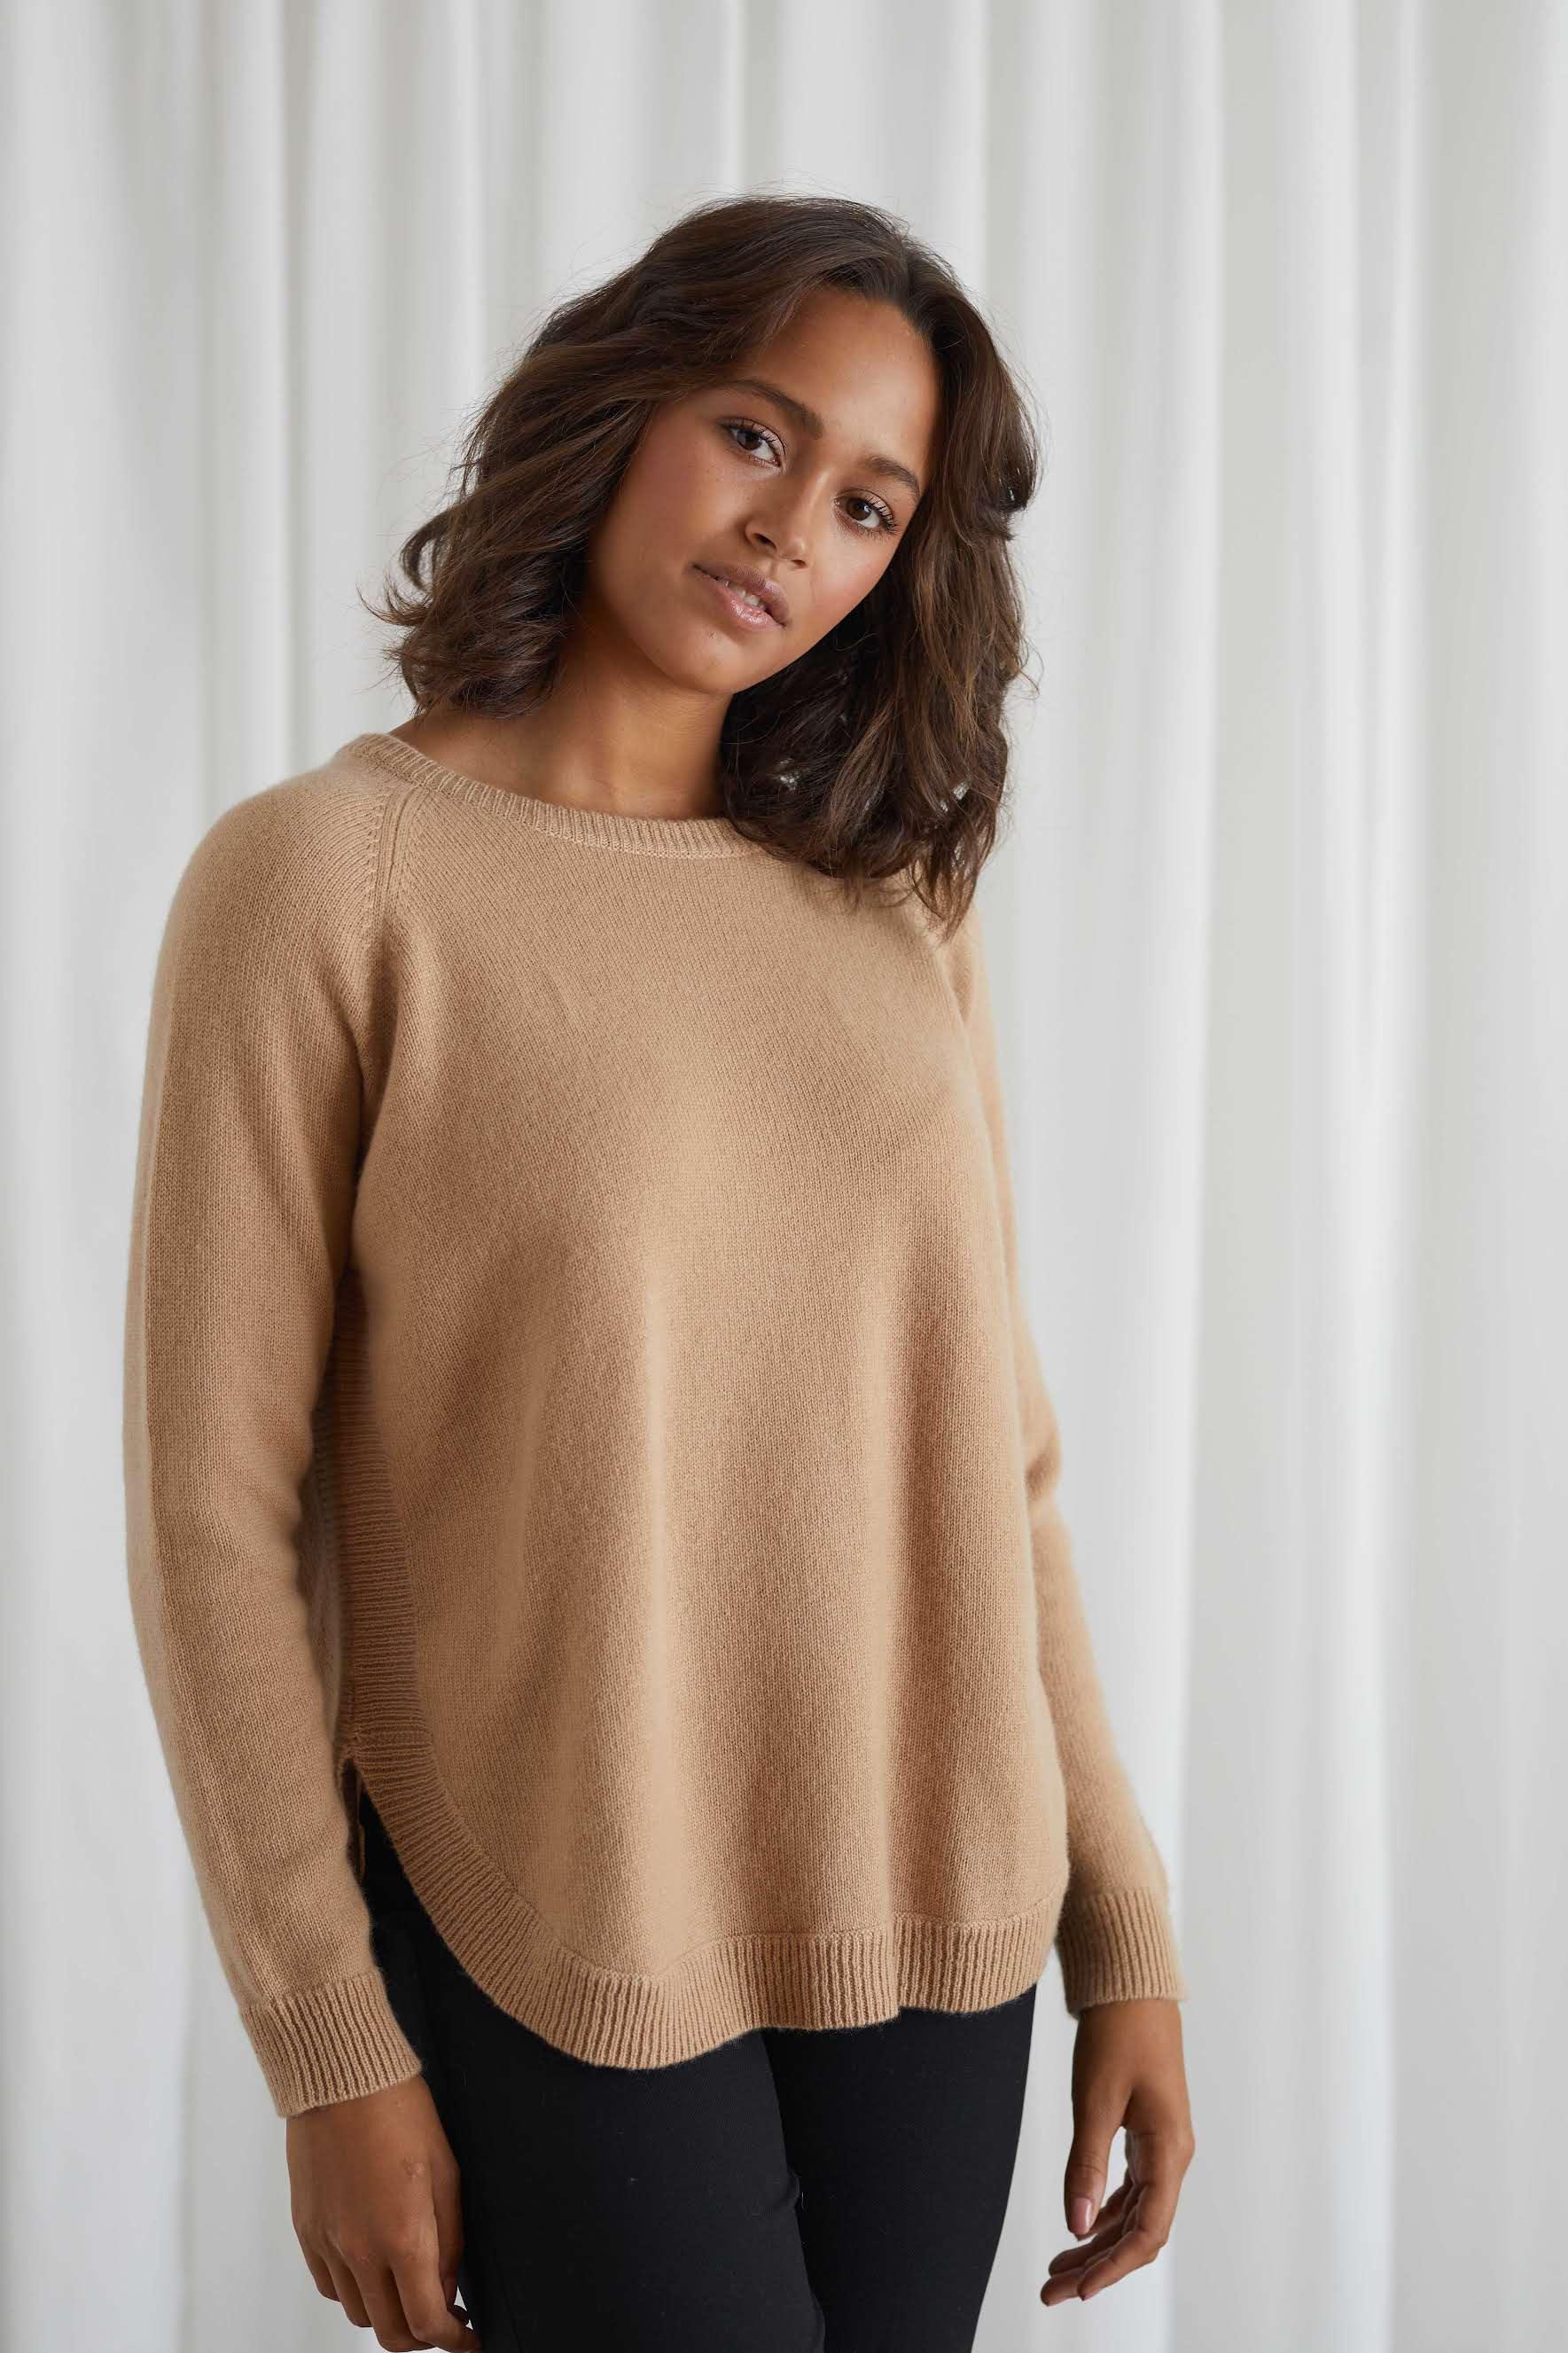 Raglan Curved Sweater